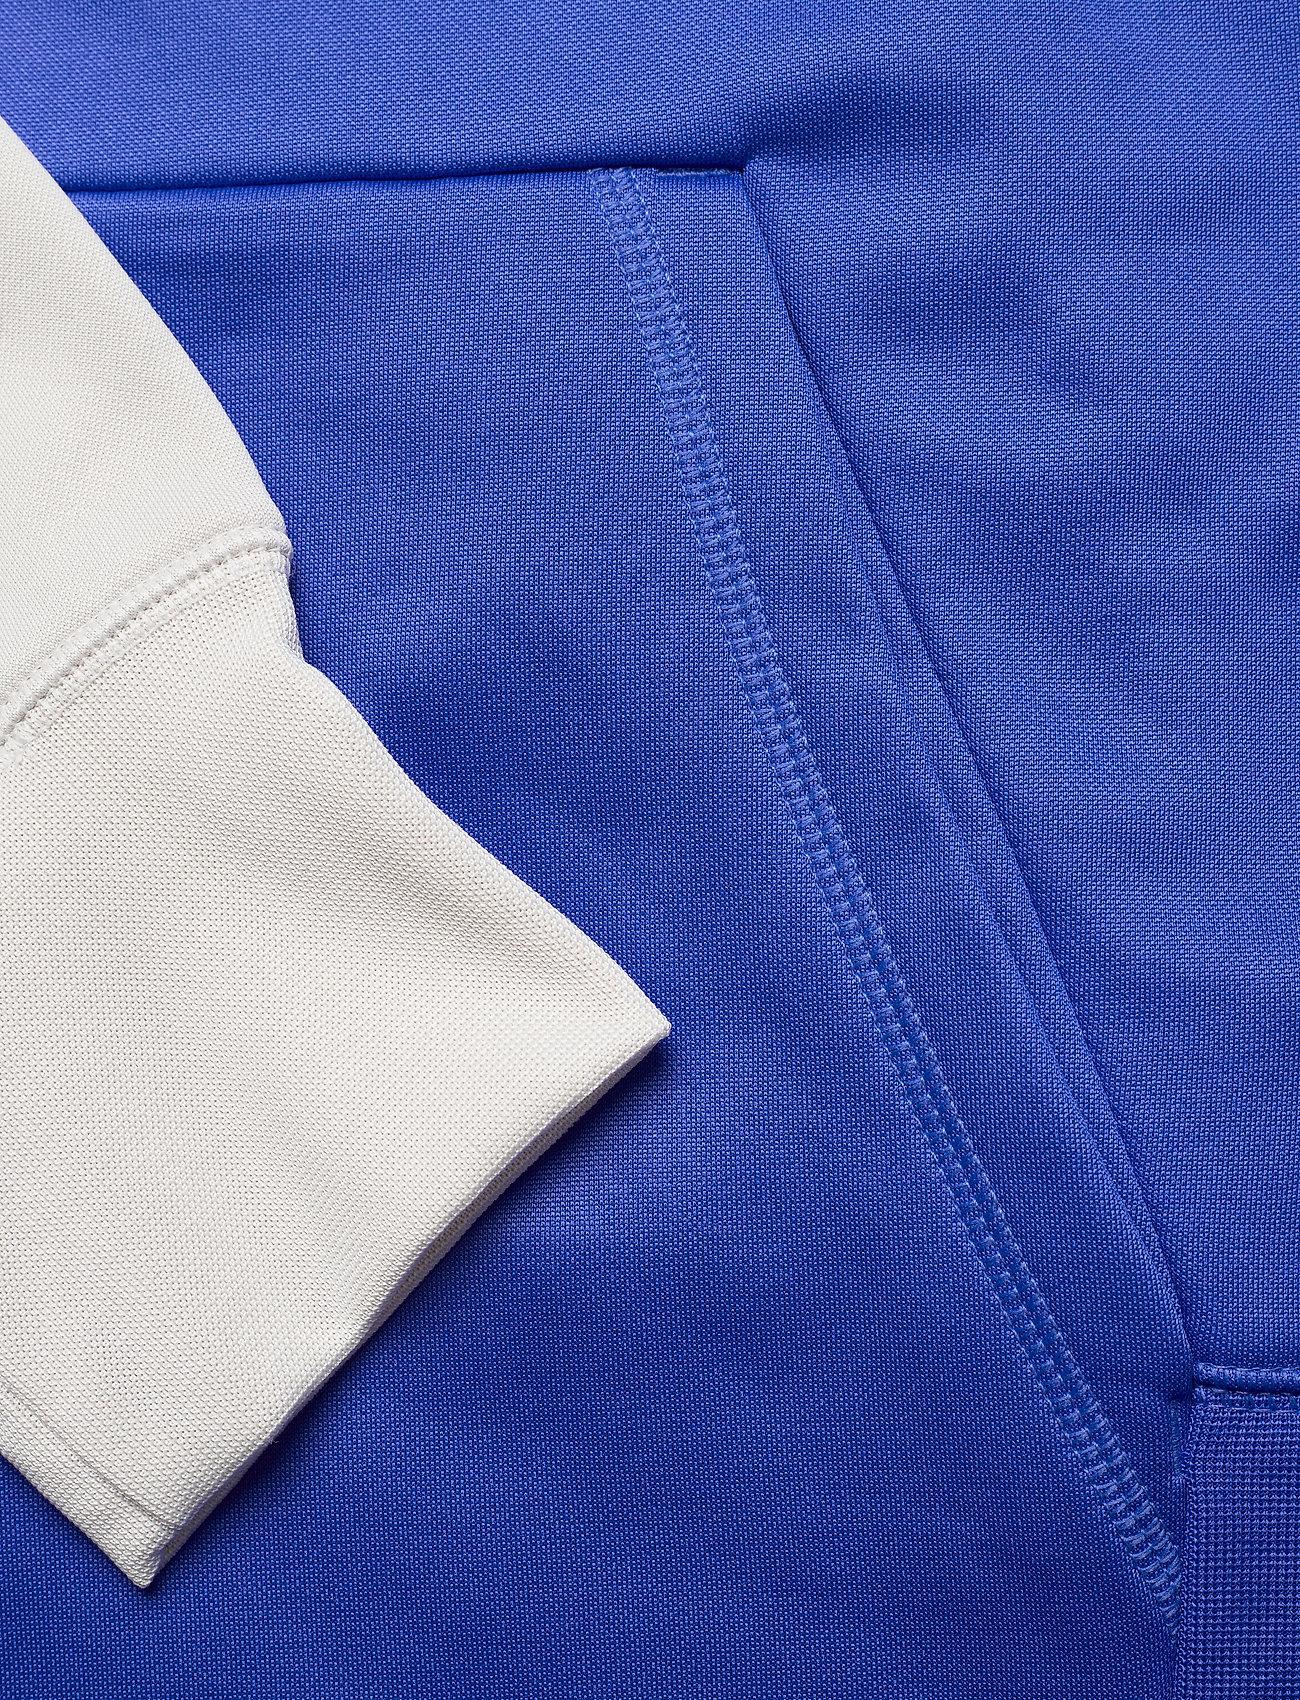 NIKE Fan Gear Los Angeles Rams Nike Left Chest Mascot Full-Zip - Sweatshirts HYPER ROYAL / LIGHT BONE - Menn Klær